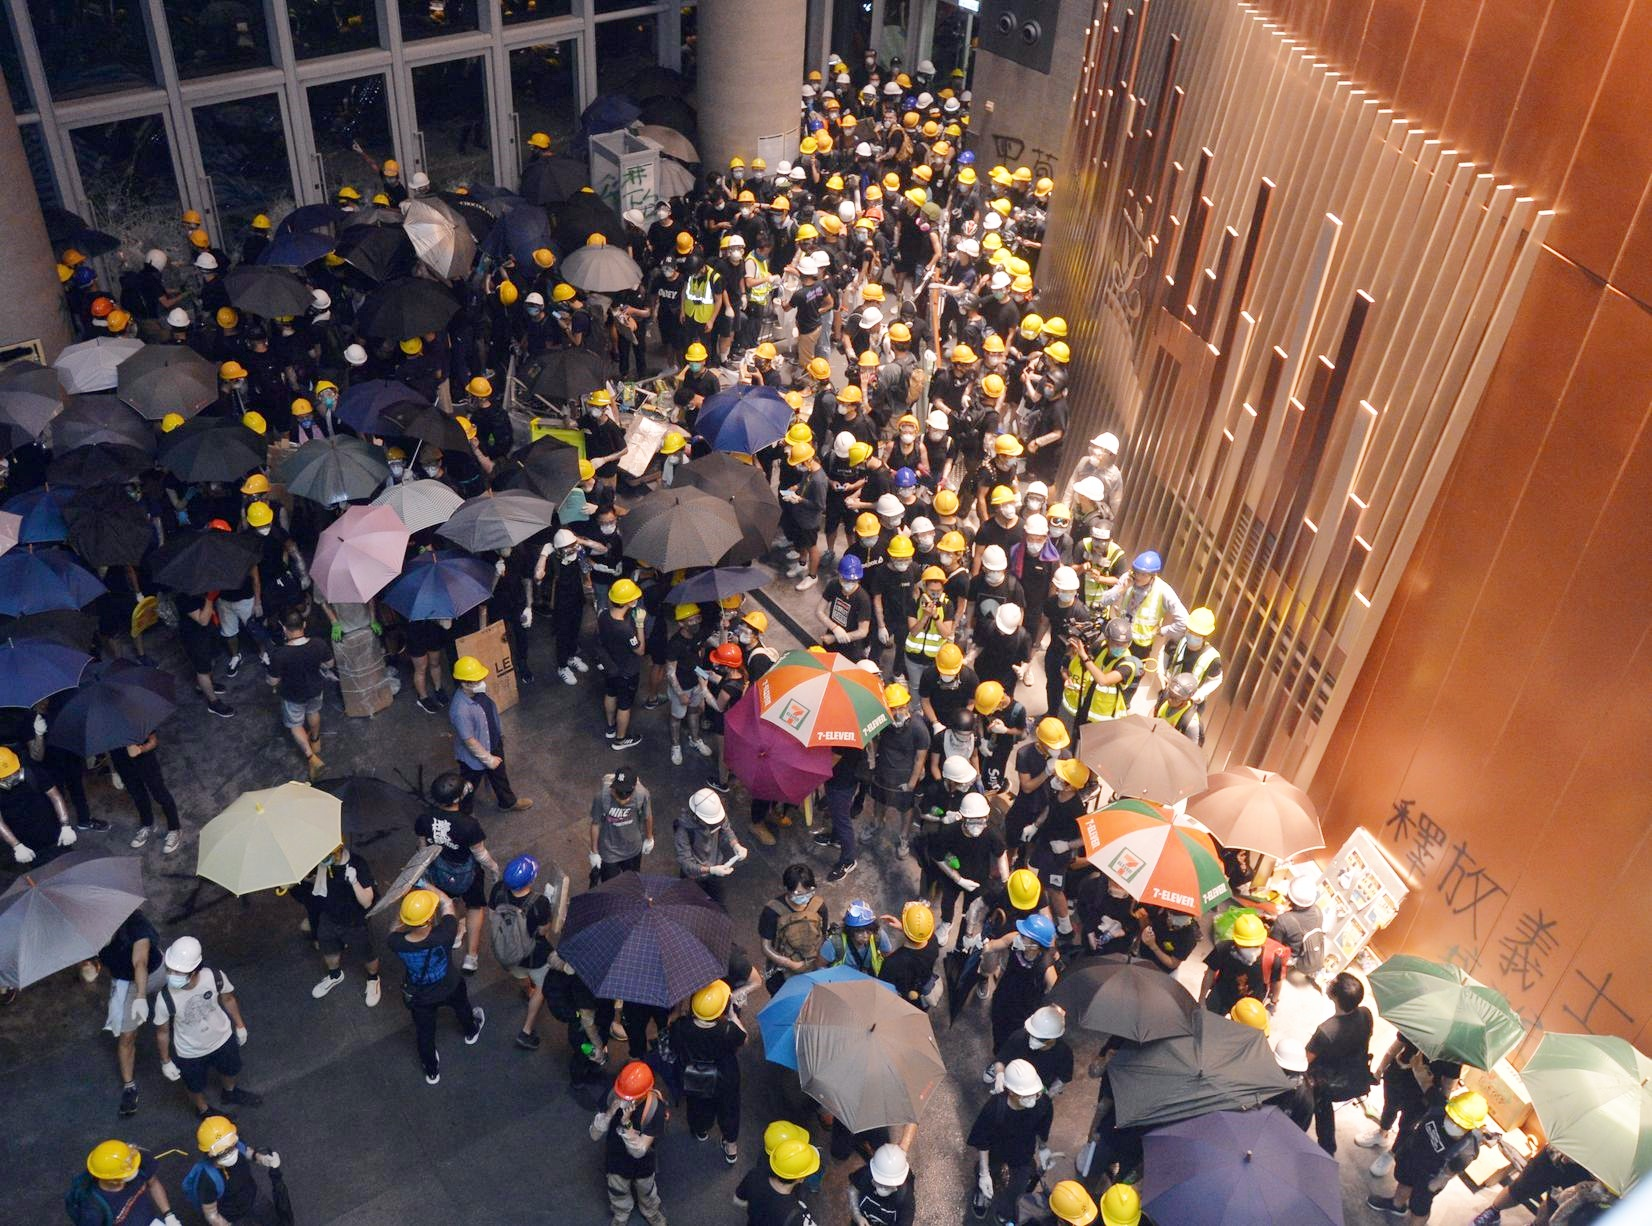 大批示威者昨衝入立法會,導致大樓多處損毀。資料圖片